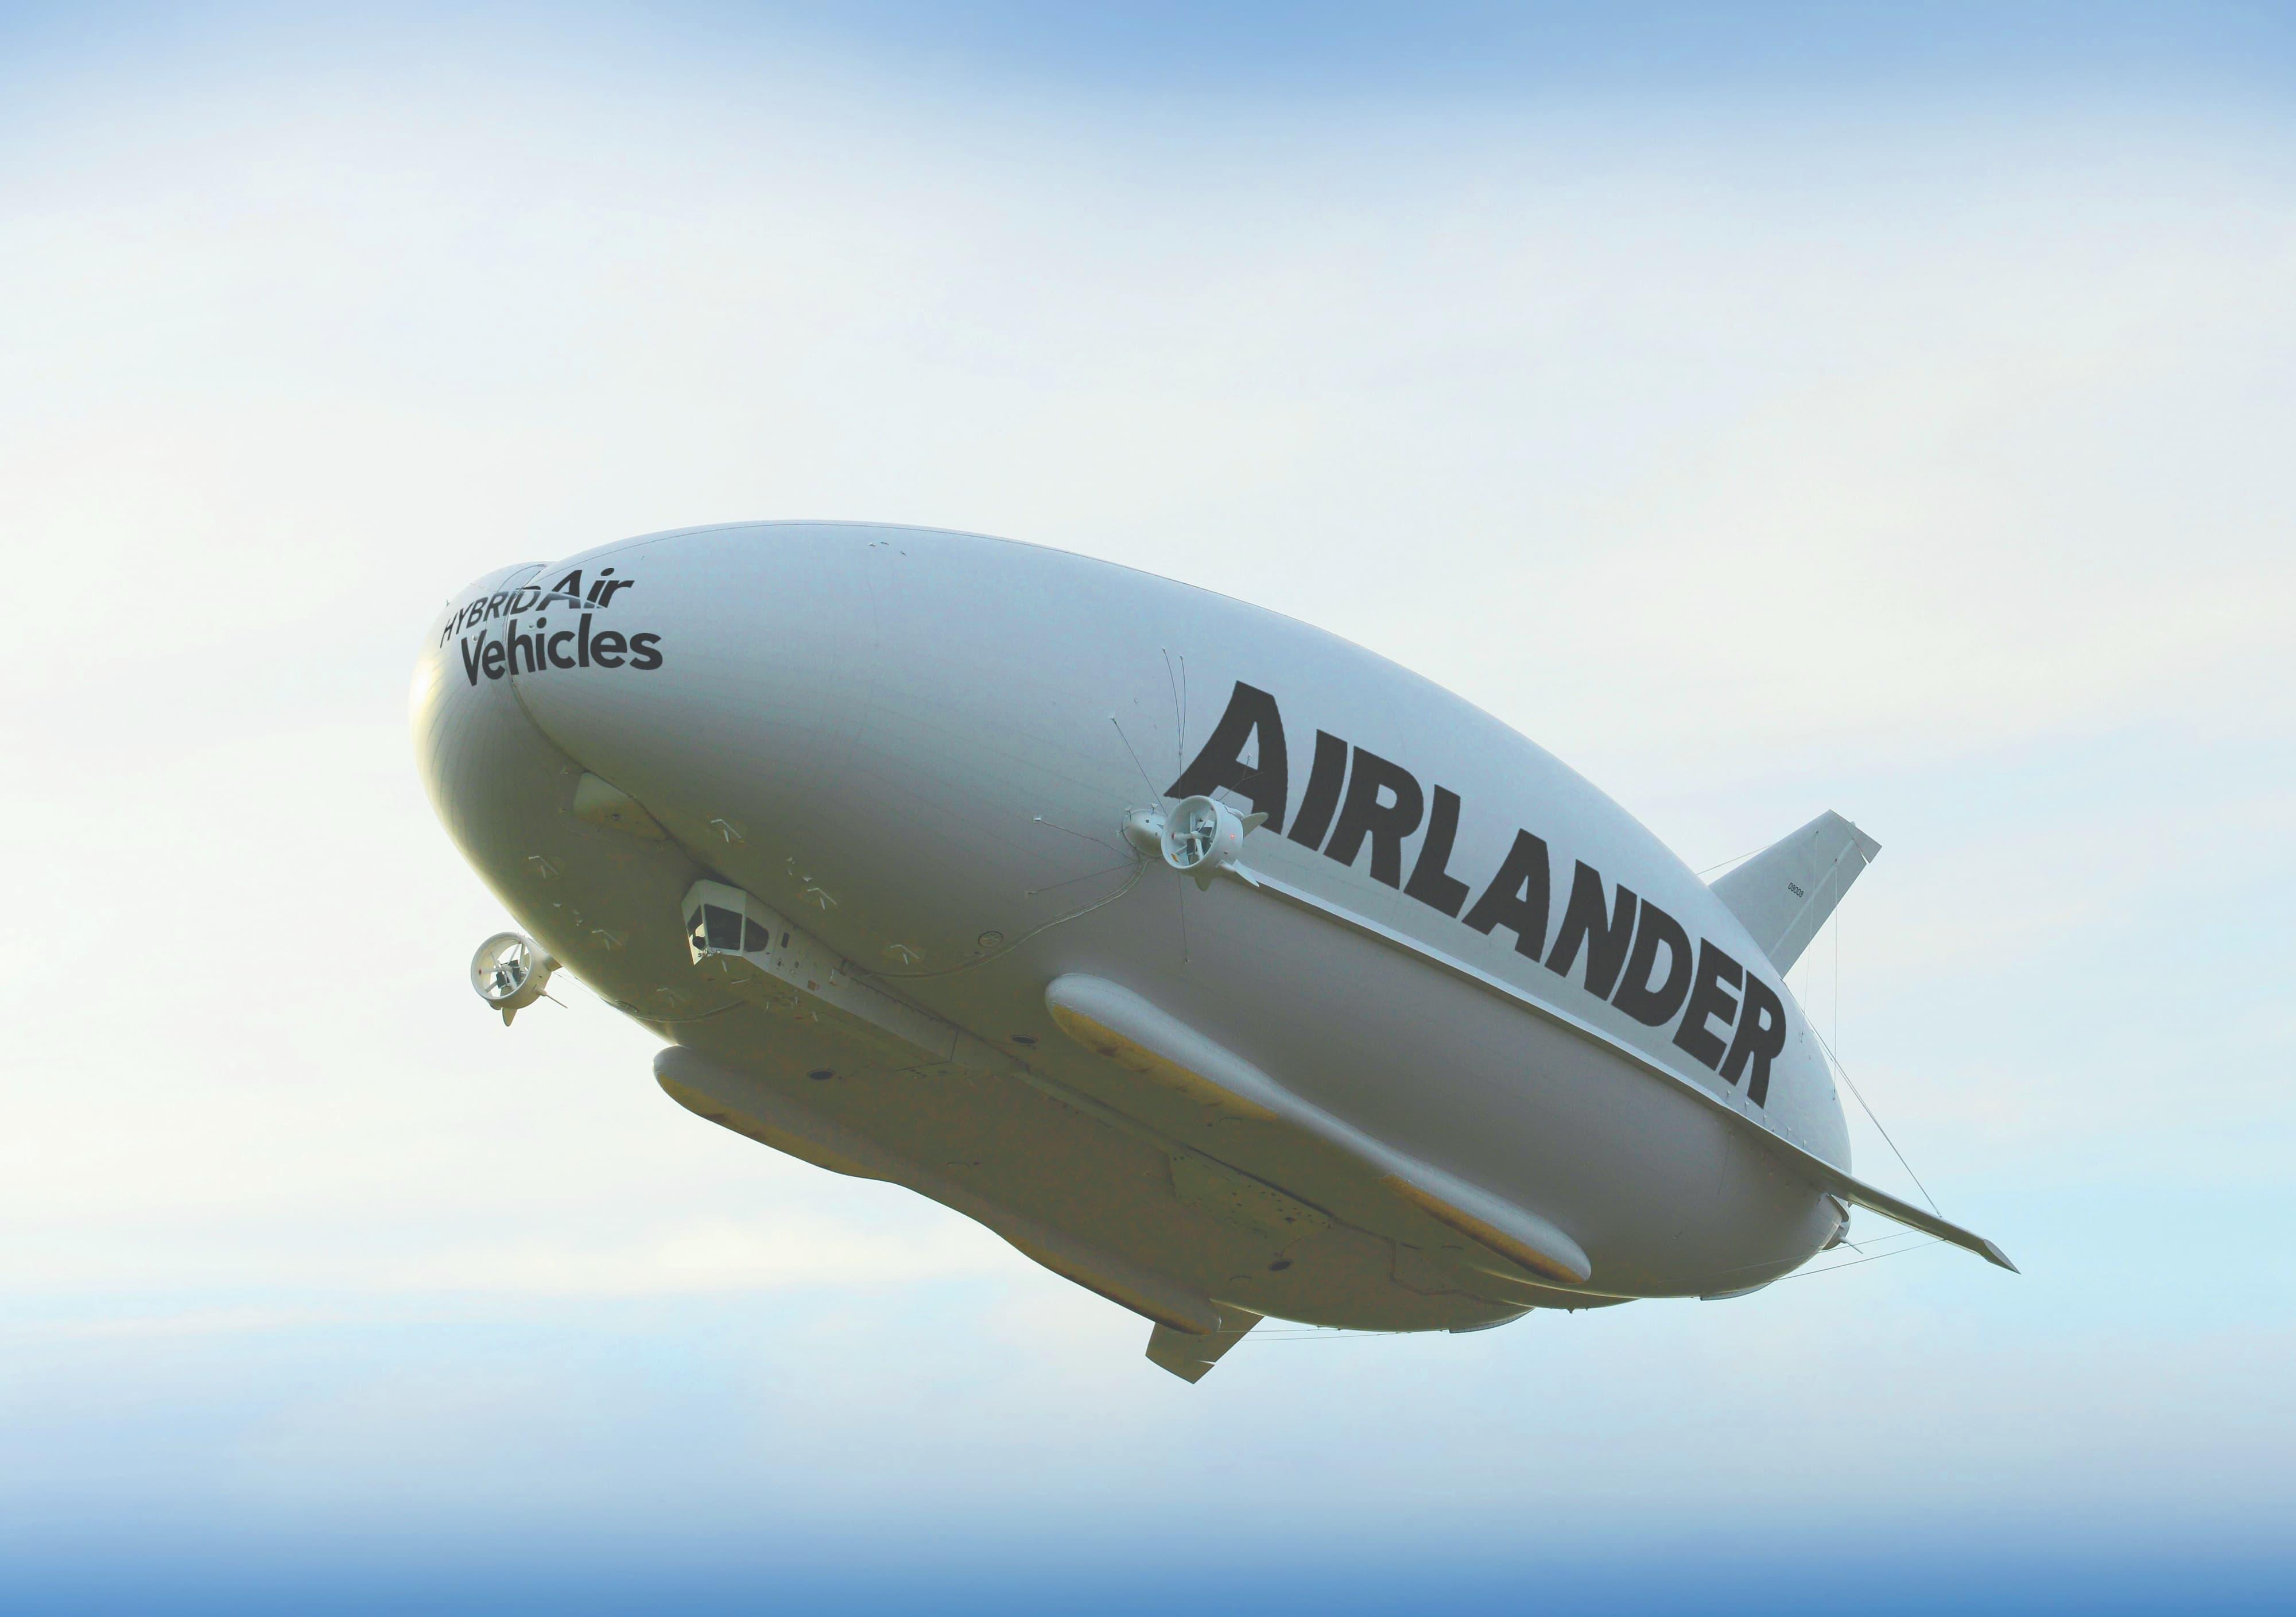 Horas de voo: empresas investem para reduzir emissões de carbono